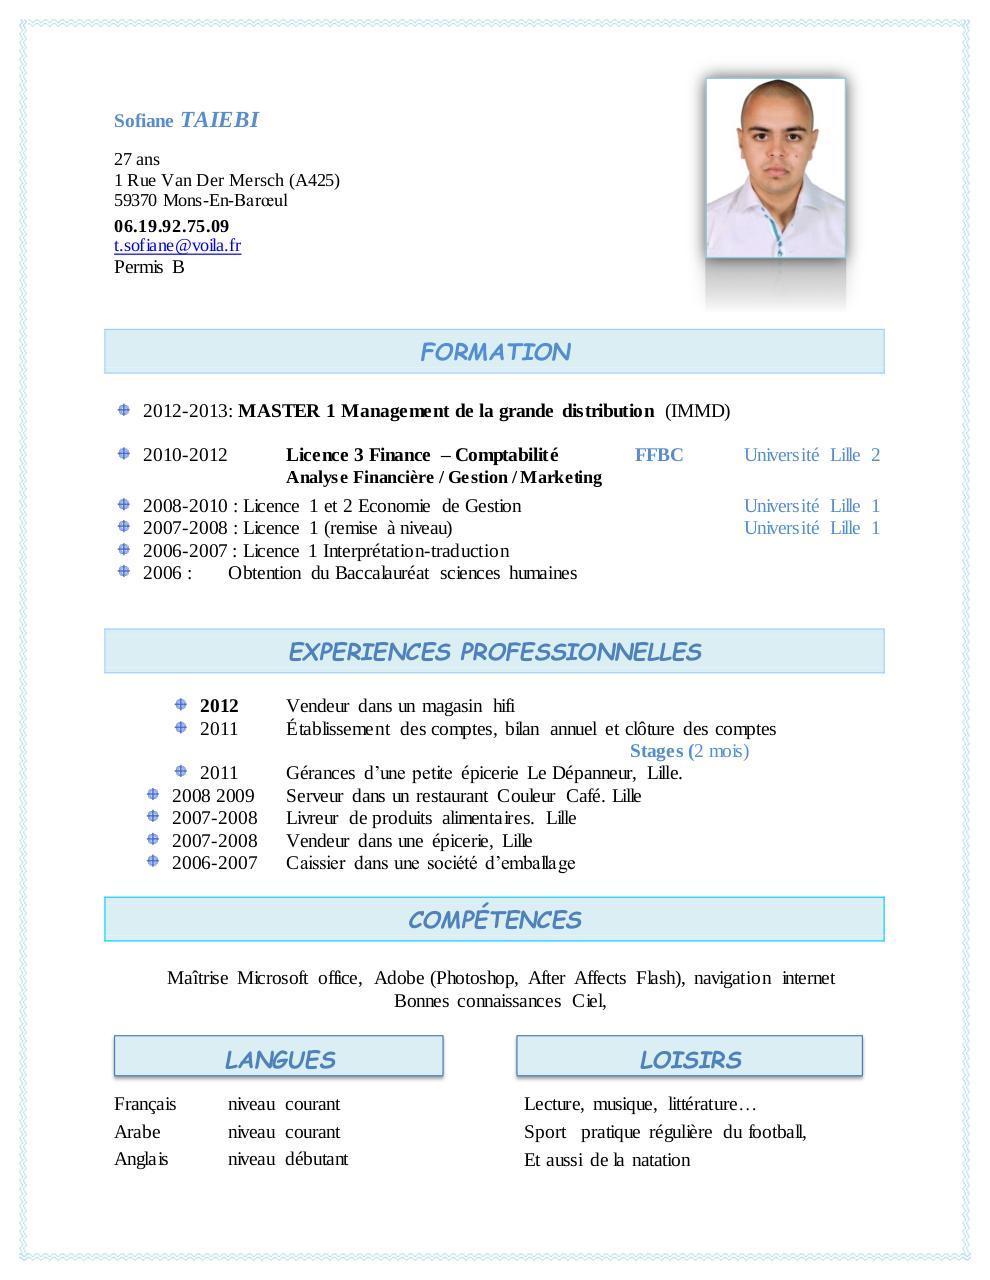 sofiane taiebi par tabet merwane - cv etudes 2013 pdf